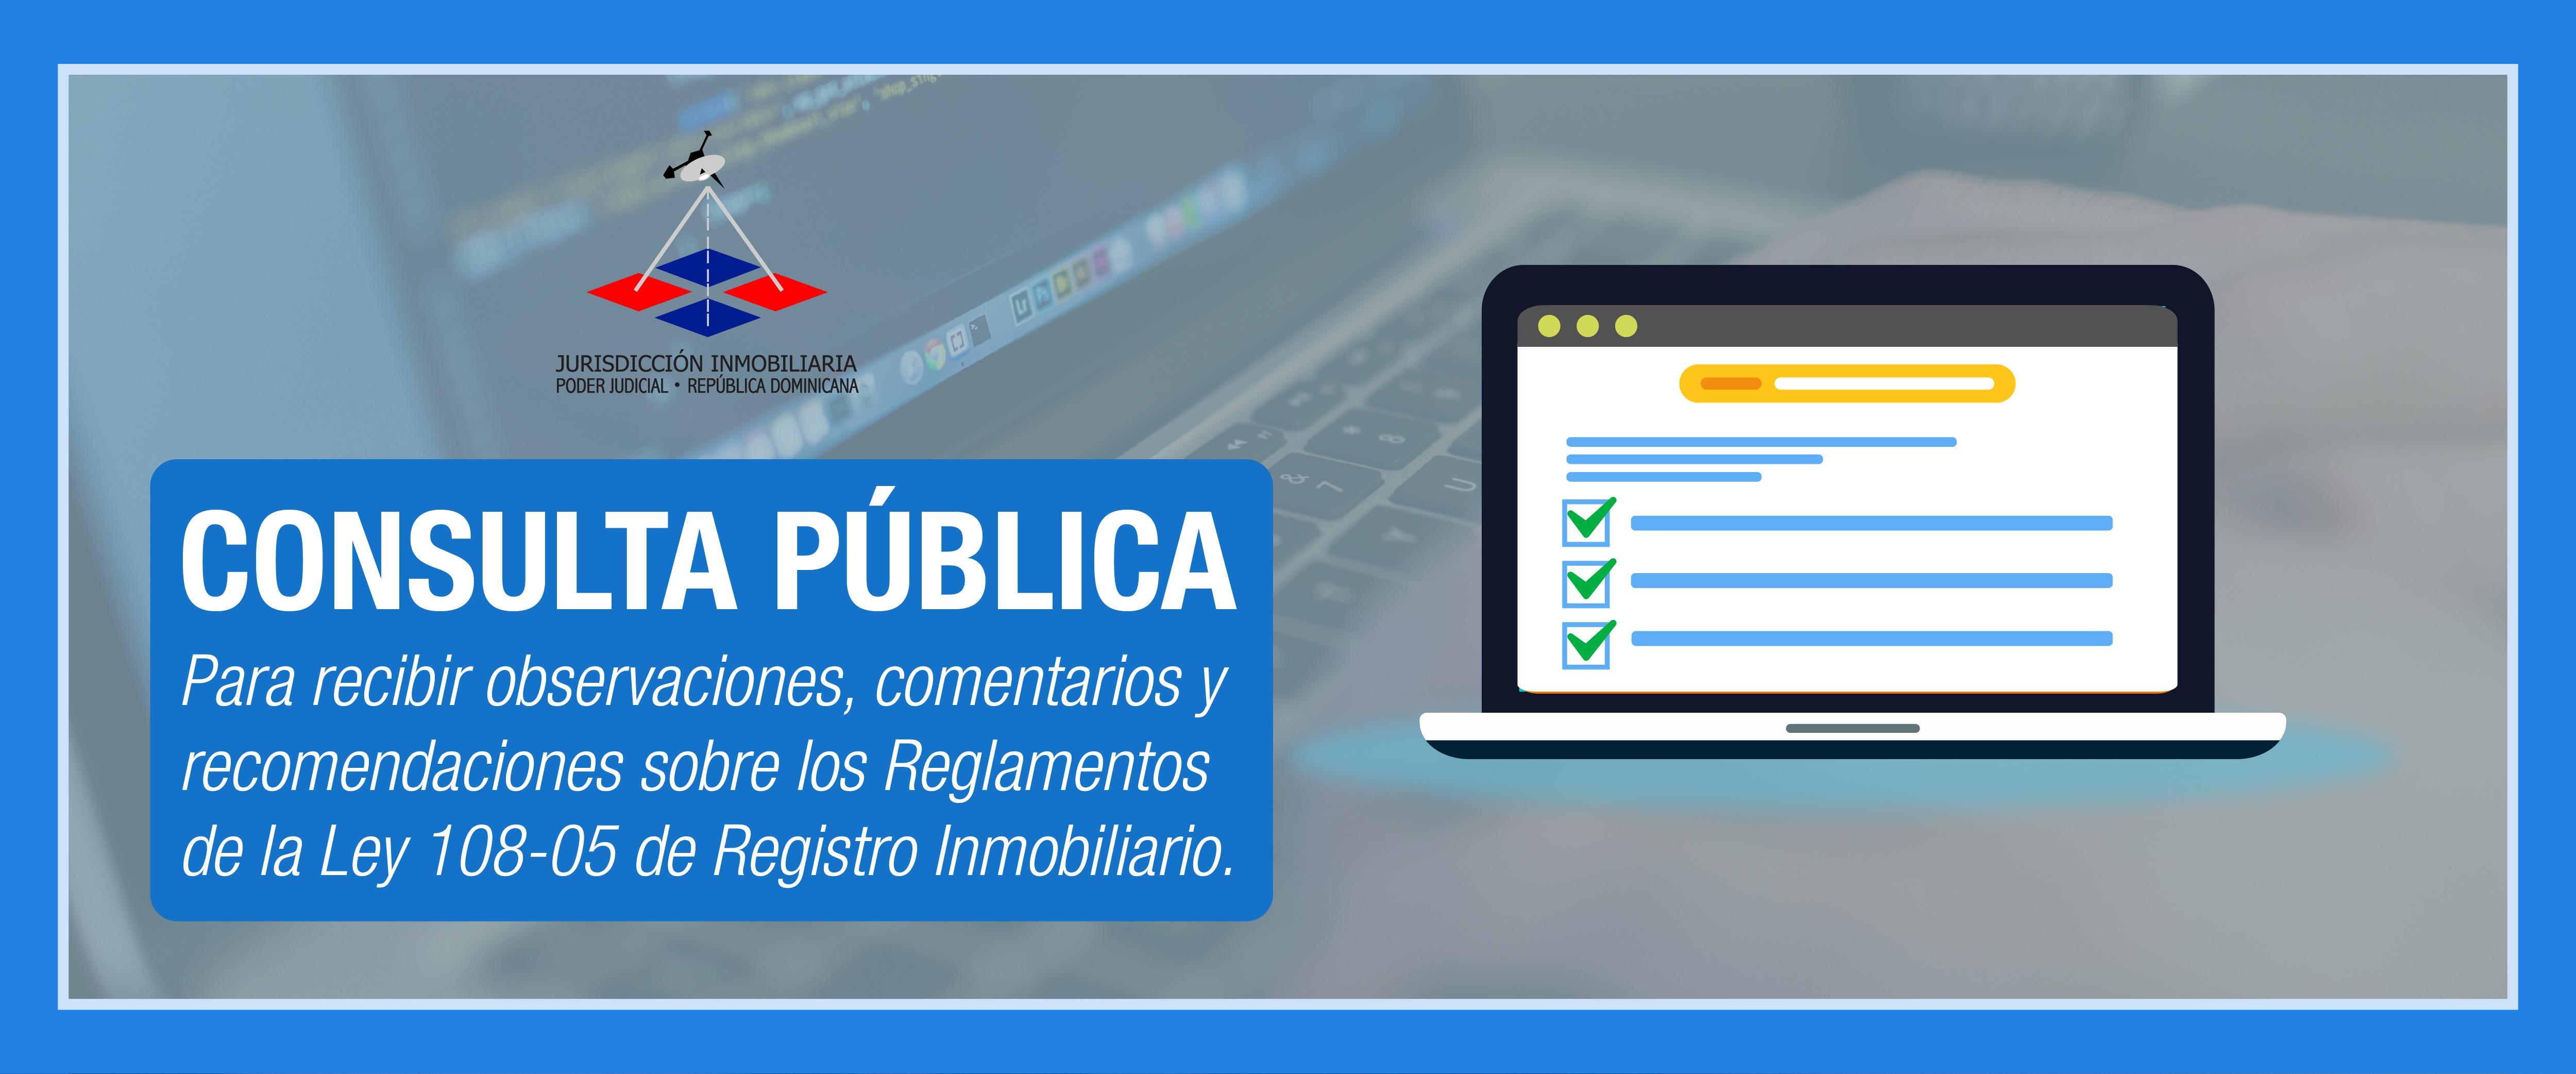 Consulta_Publica_JI-01